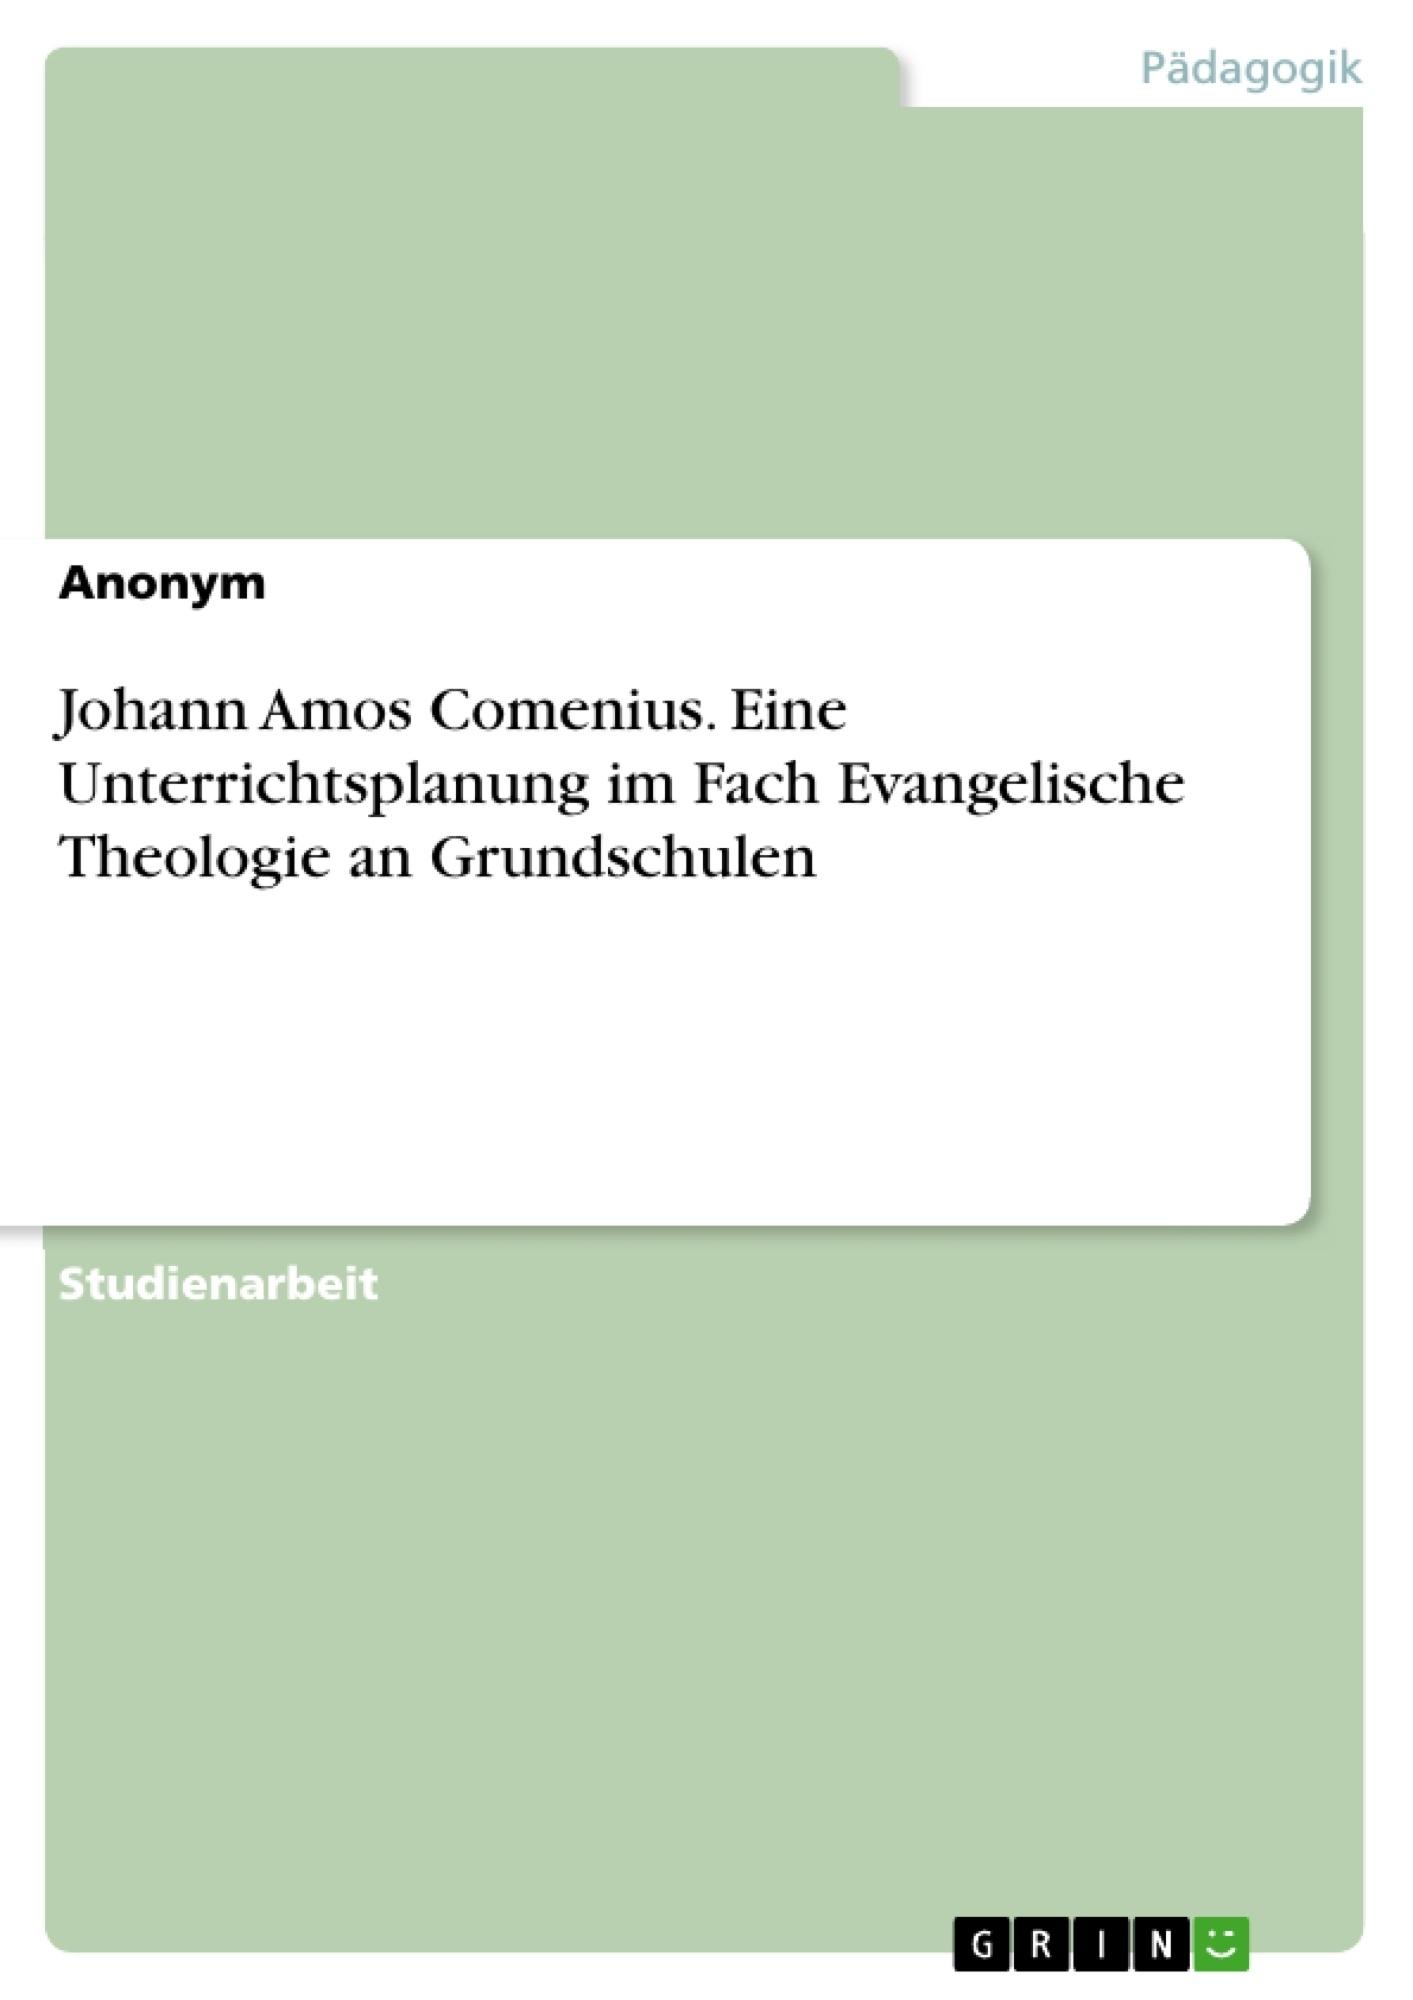 Titel: Johann Amos Comenius. Eine Unterrichtsplanung im Fach Evangelische Theologie an Grundschulen